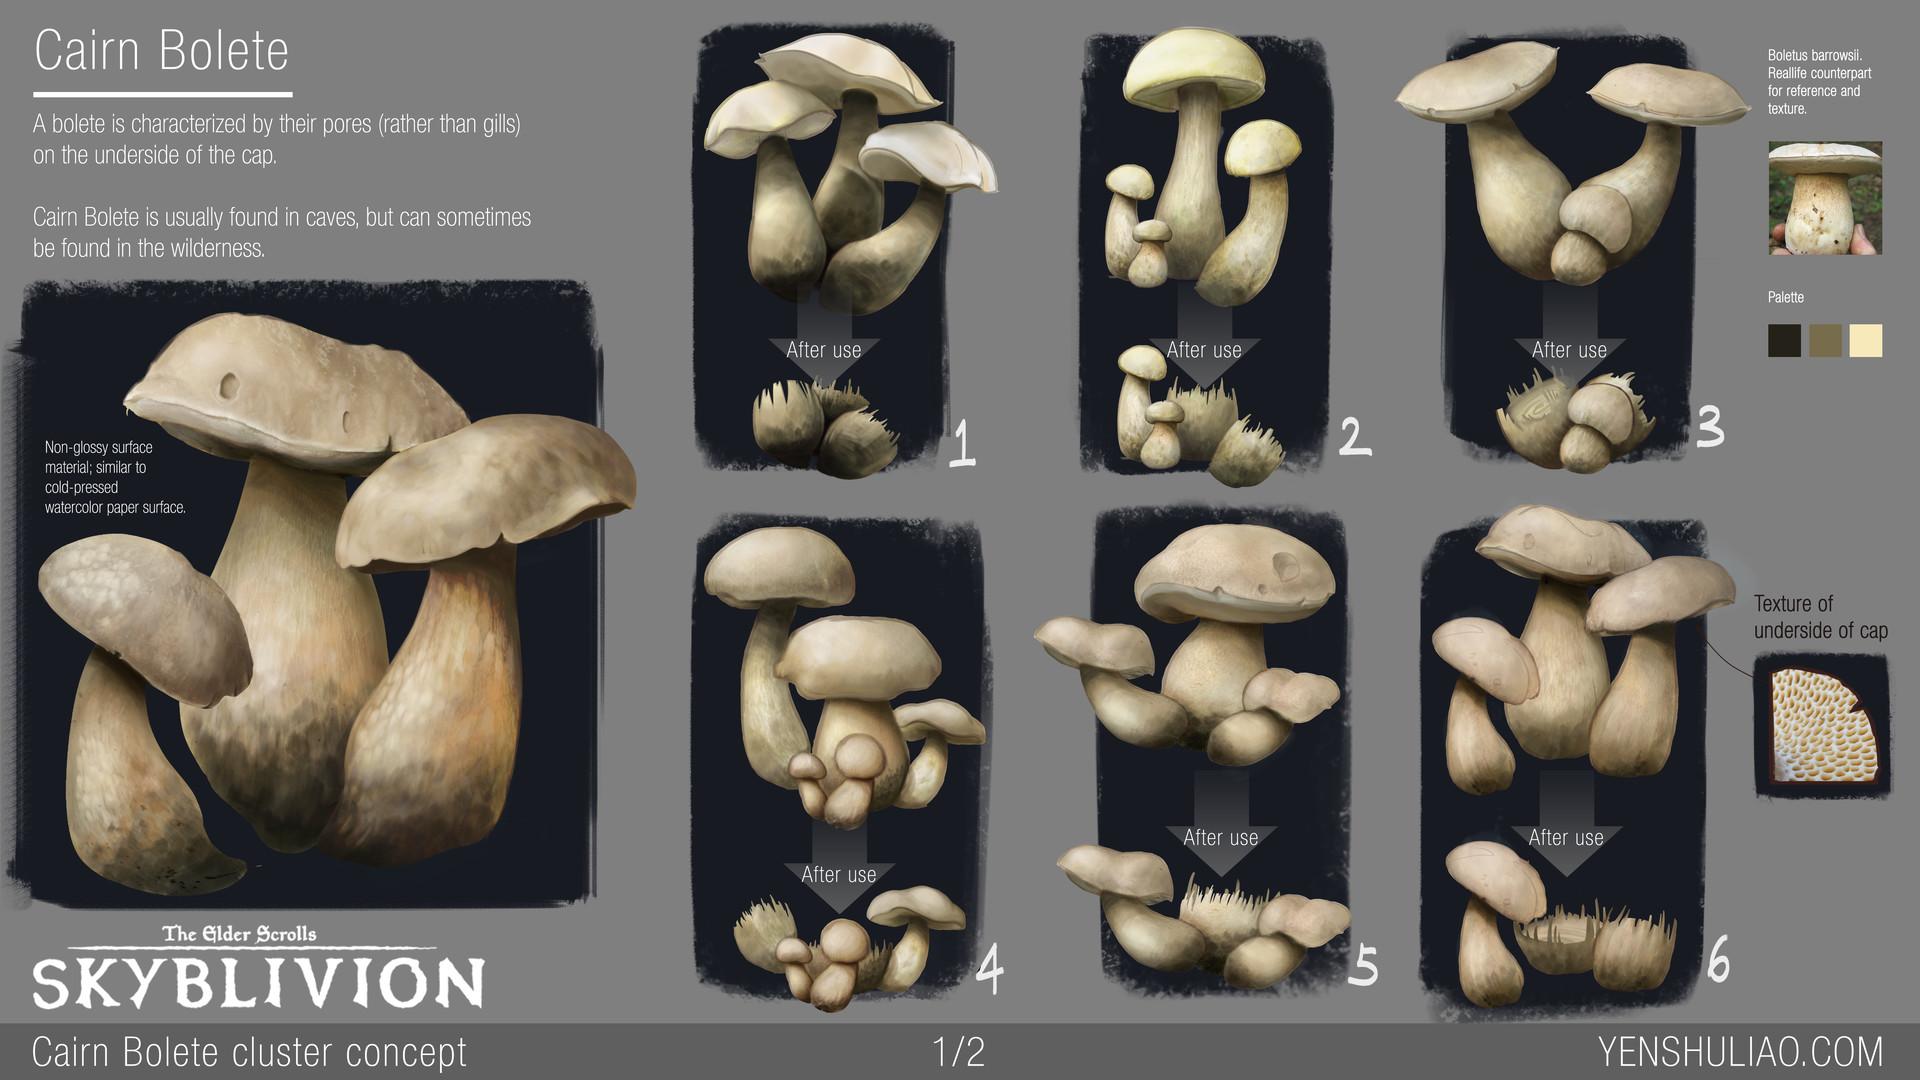 Yen shu liao mushroom environment prop concept yen shu liao skyblivion cairnbolete 01